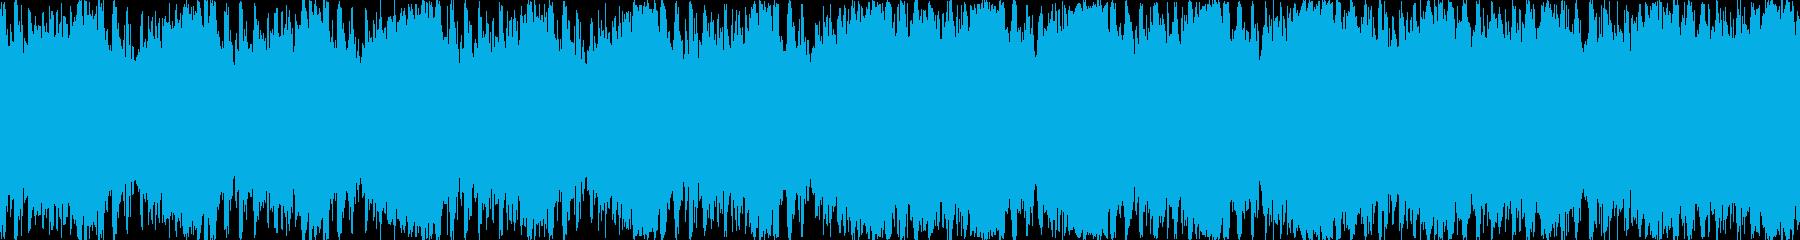 希望に満ちたポジティブな明るい曲 ループの再生済みの波形